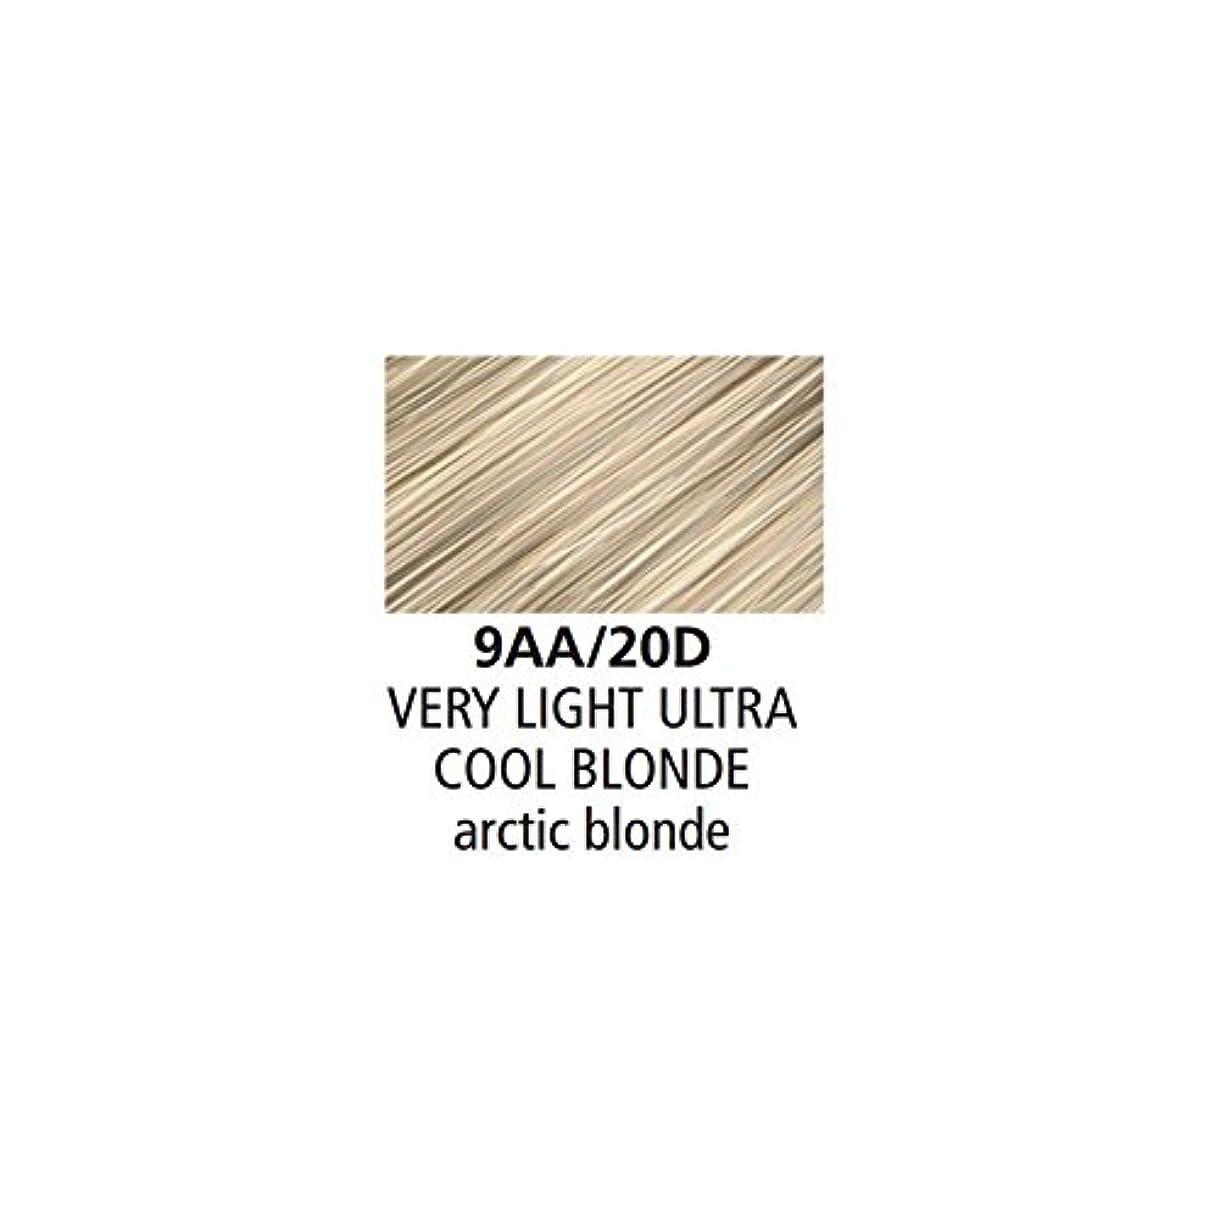 増加する交通渋滞支給Clairol Professional - SOY4PLEX - Liquicolor Permanente - Very Light Ultra Cool Blonde - 9AA/20D - 2 oz / 59 mL